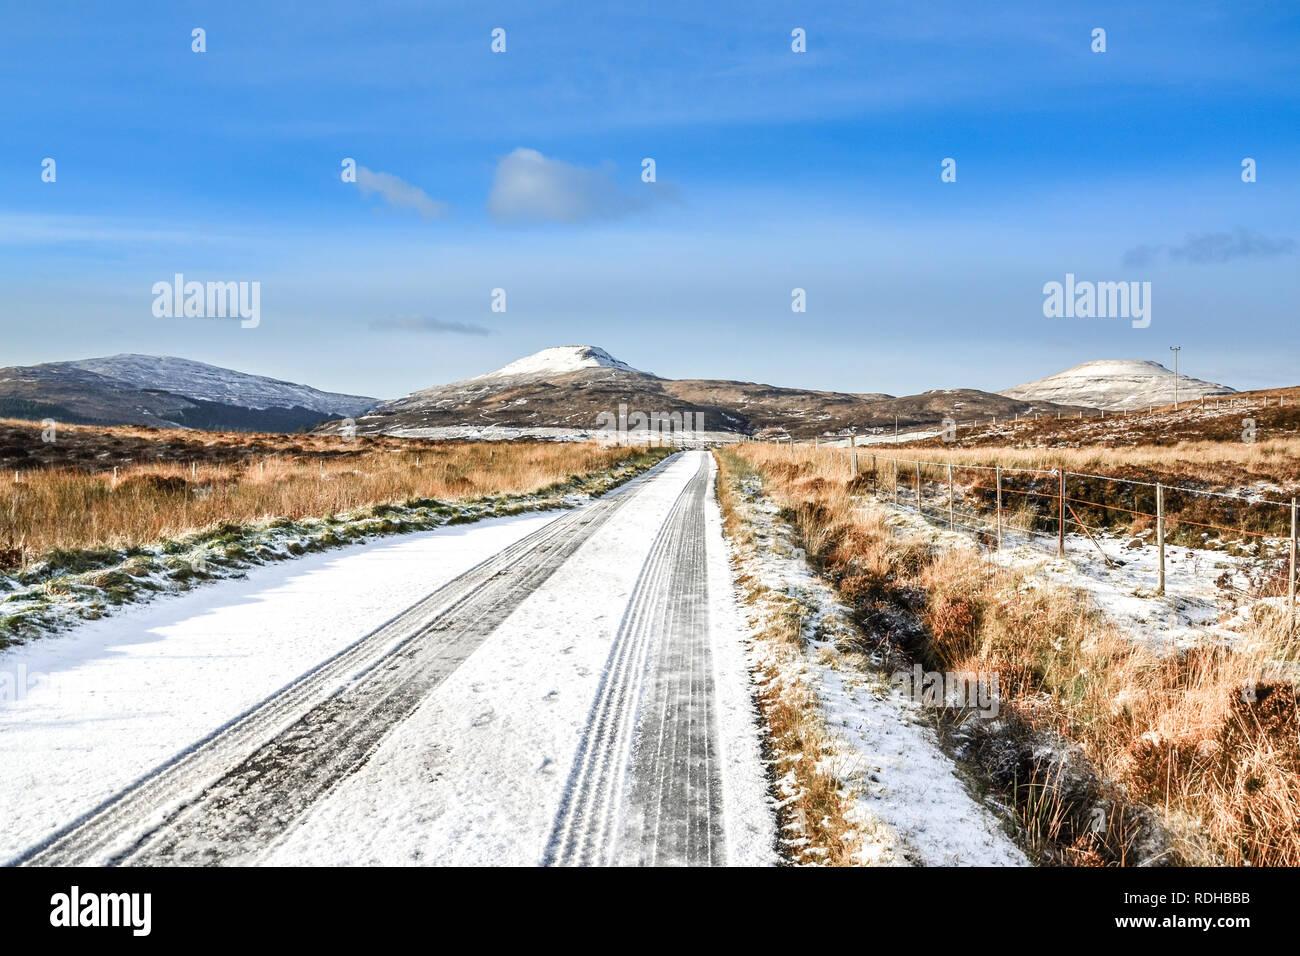 La route couverte de neige, les conditions de route glacée, voyageant à travers l'Ecosse, Scottish paysage d'hiver Banque D'Images